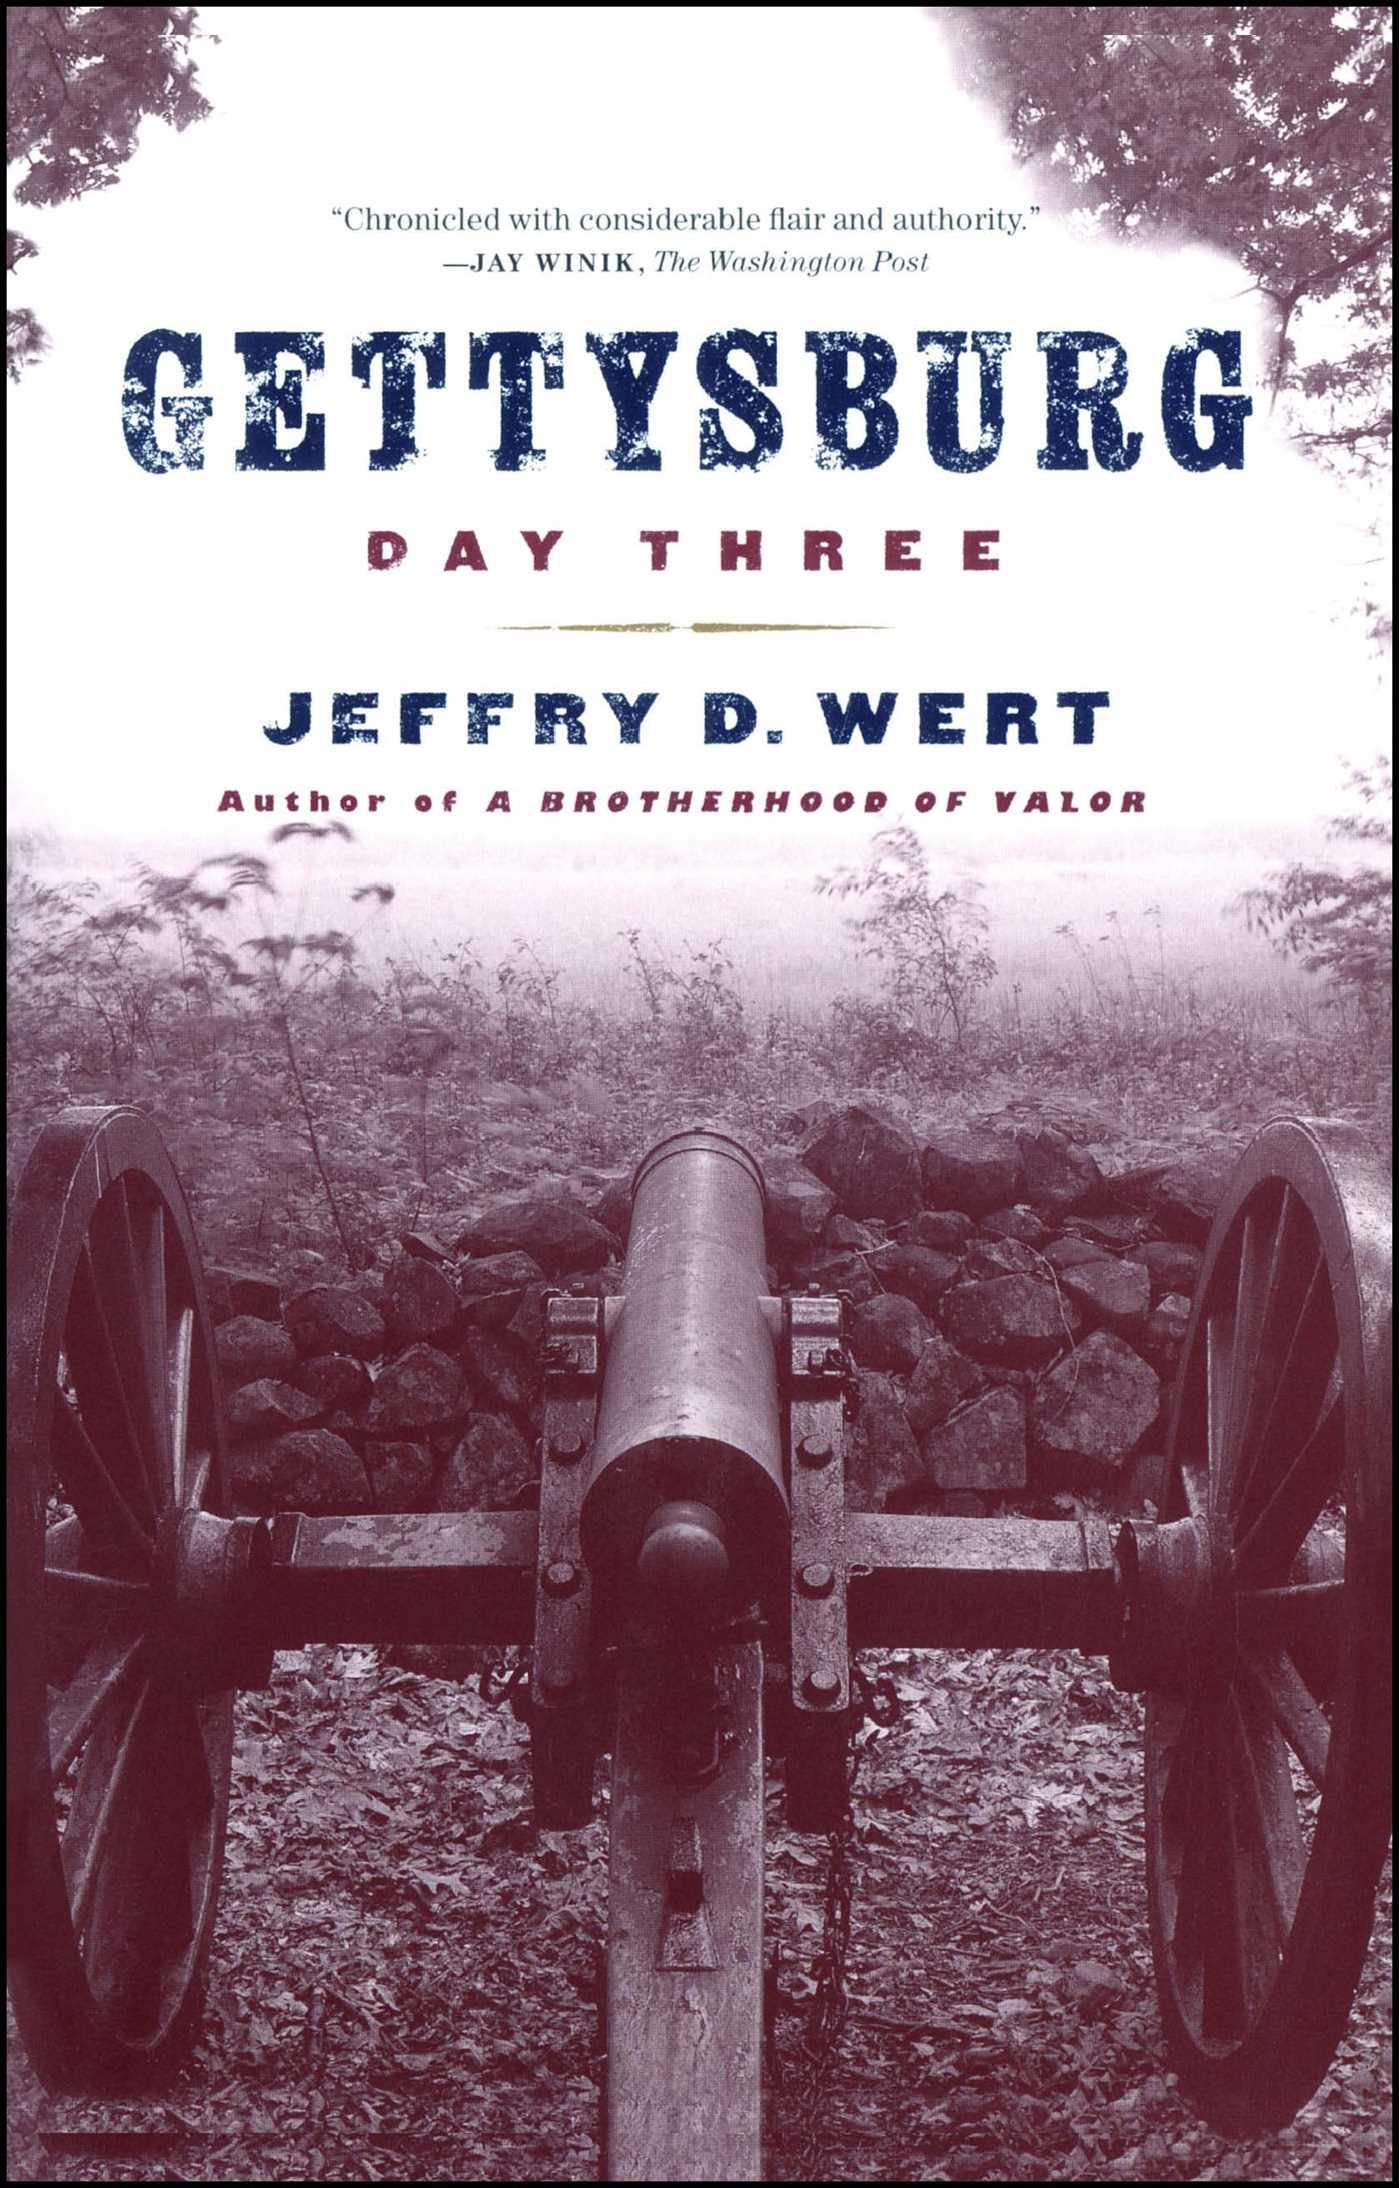 Gettysburg day three 9780684859156 hr